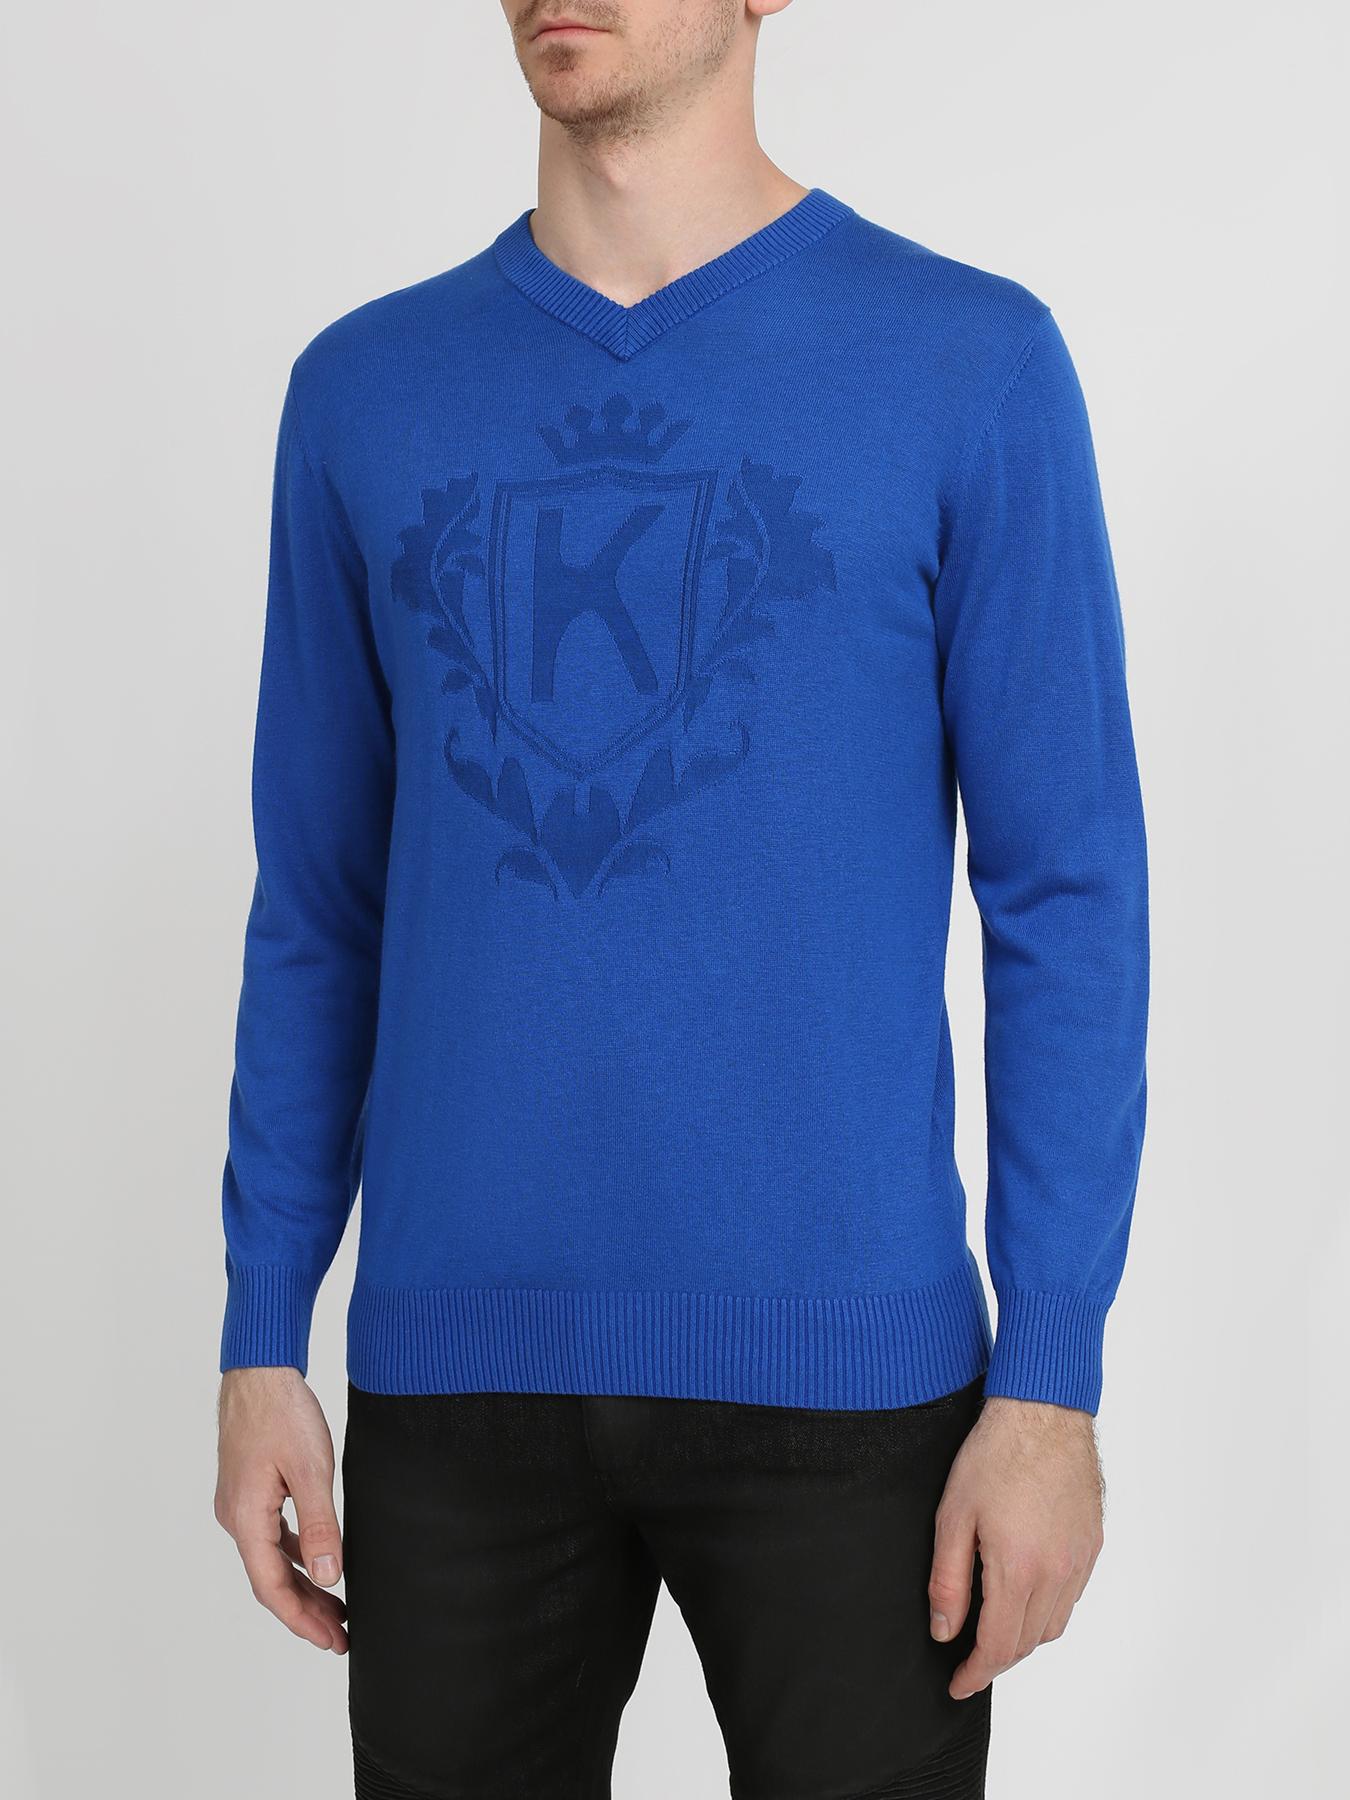 Пуловеры Korpo Пуловер фото